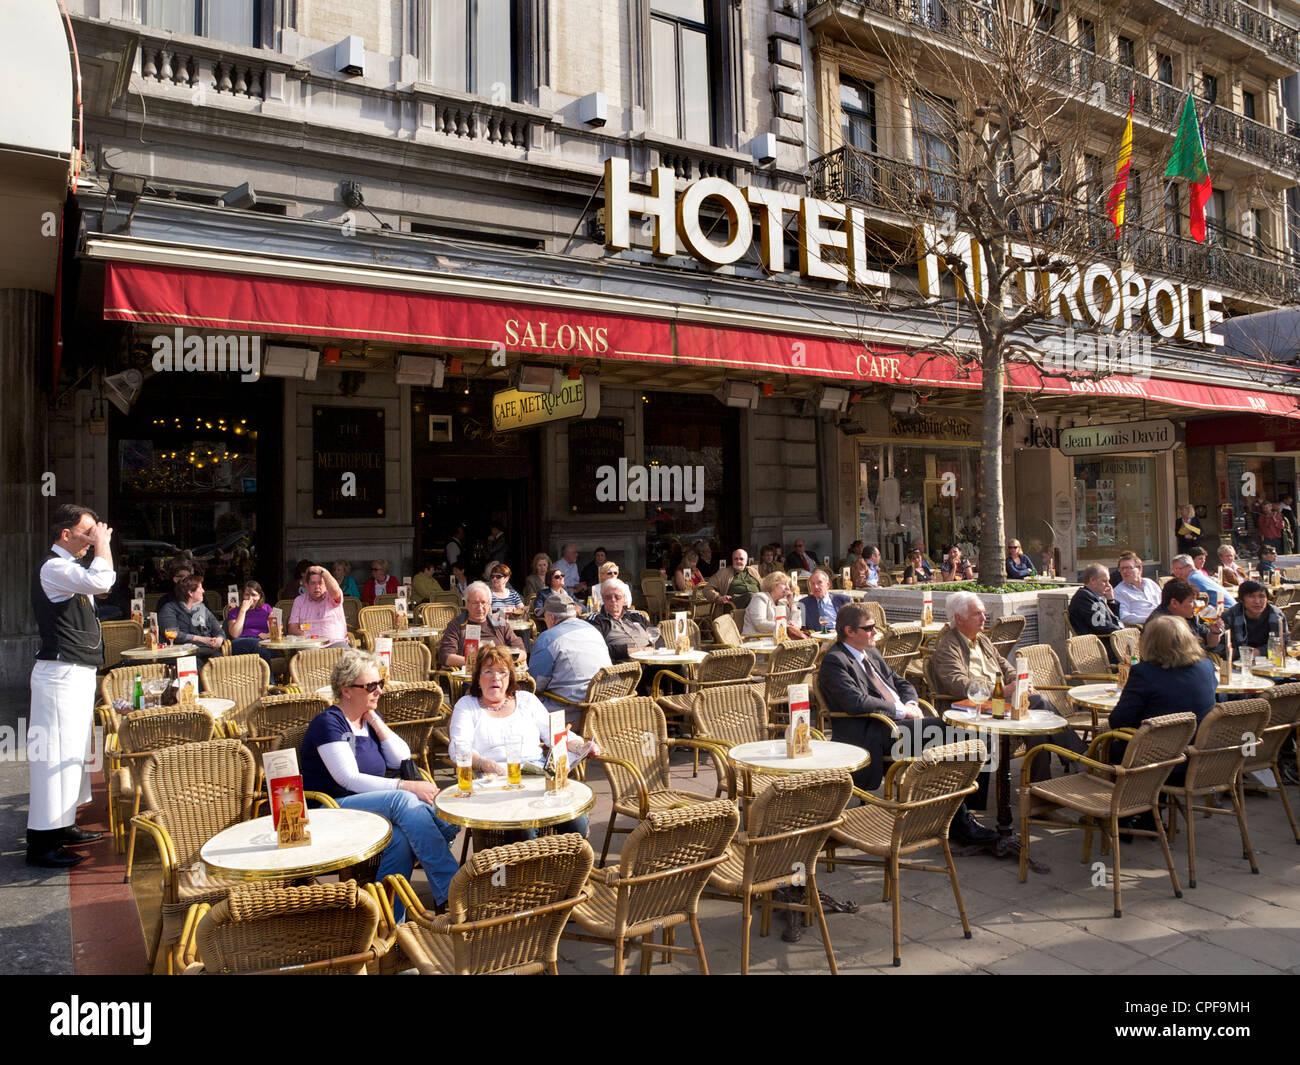 Hotel Metropole in Brüssel, Belgien, eines der bekanntesten grand Hotels in der belgischen Hauptstadt. Stockbild